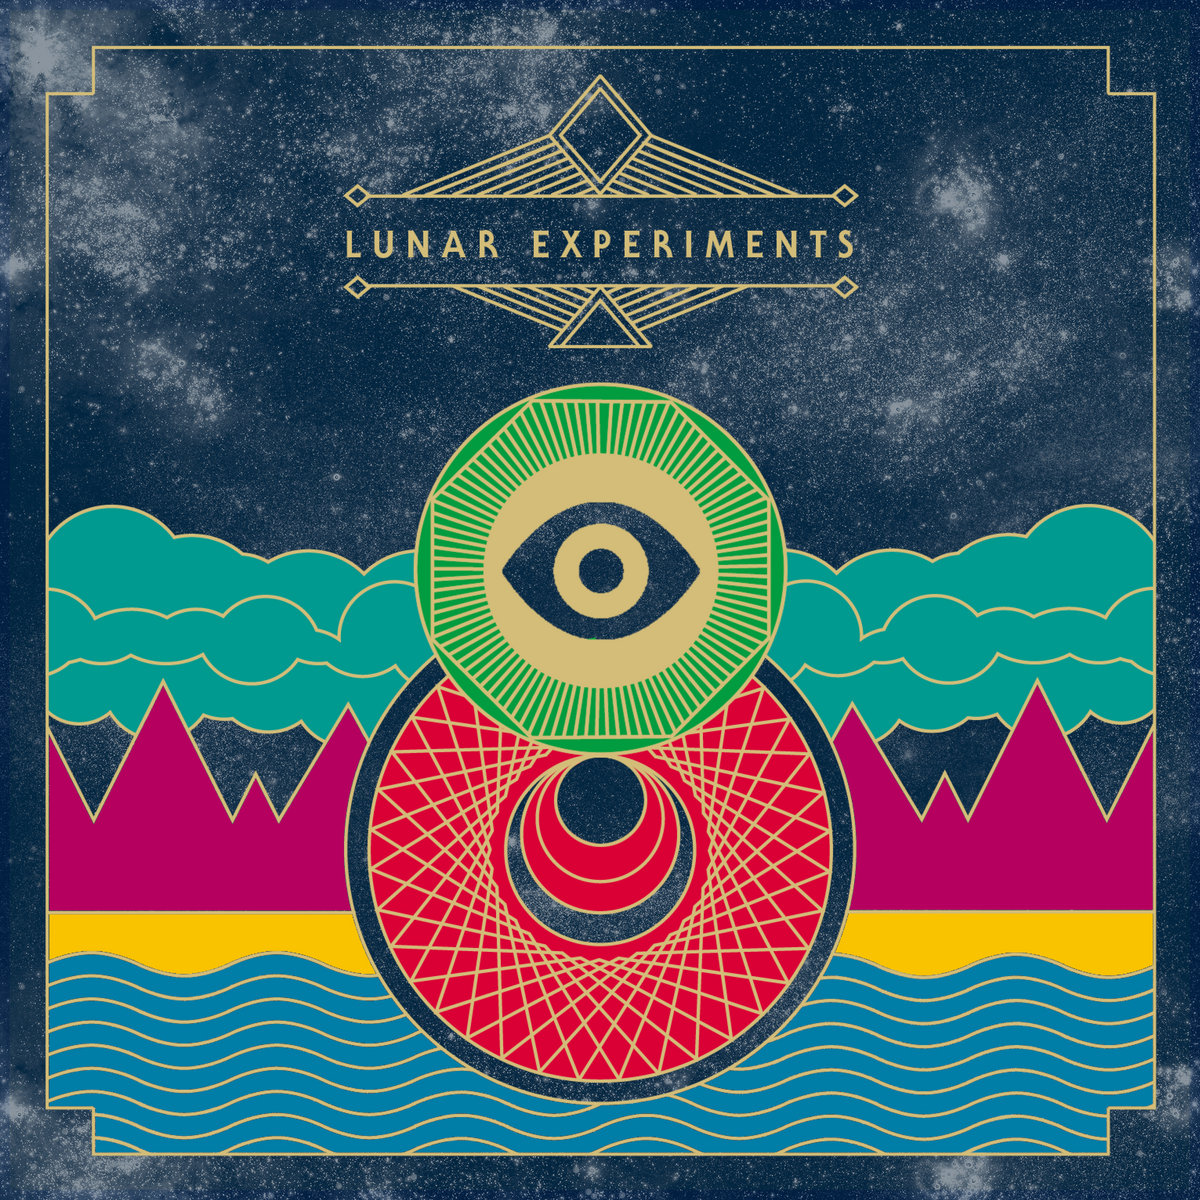 Lunar Experiments